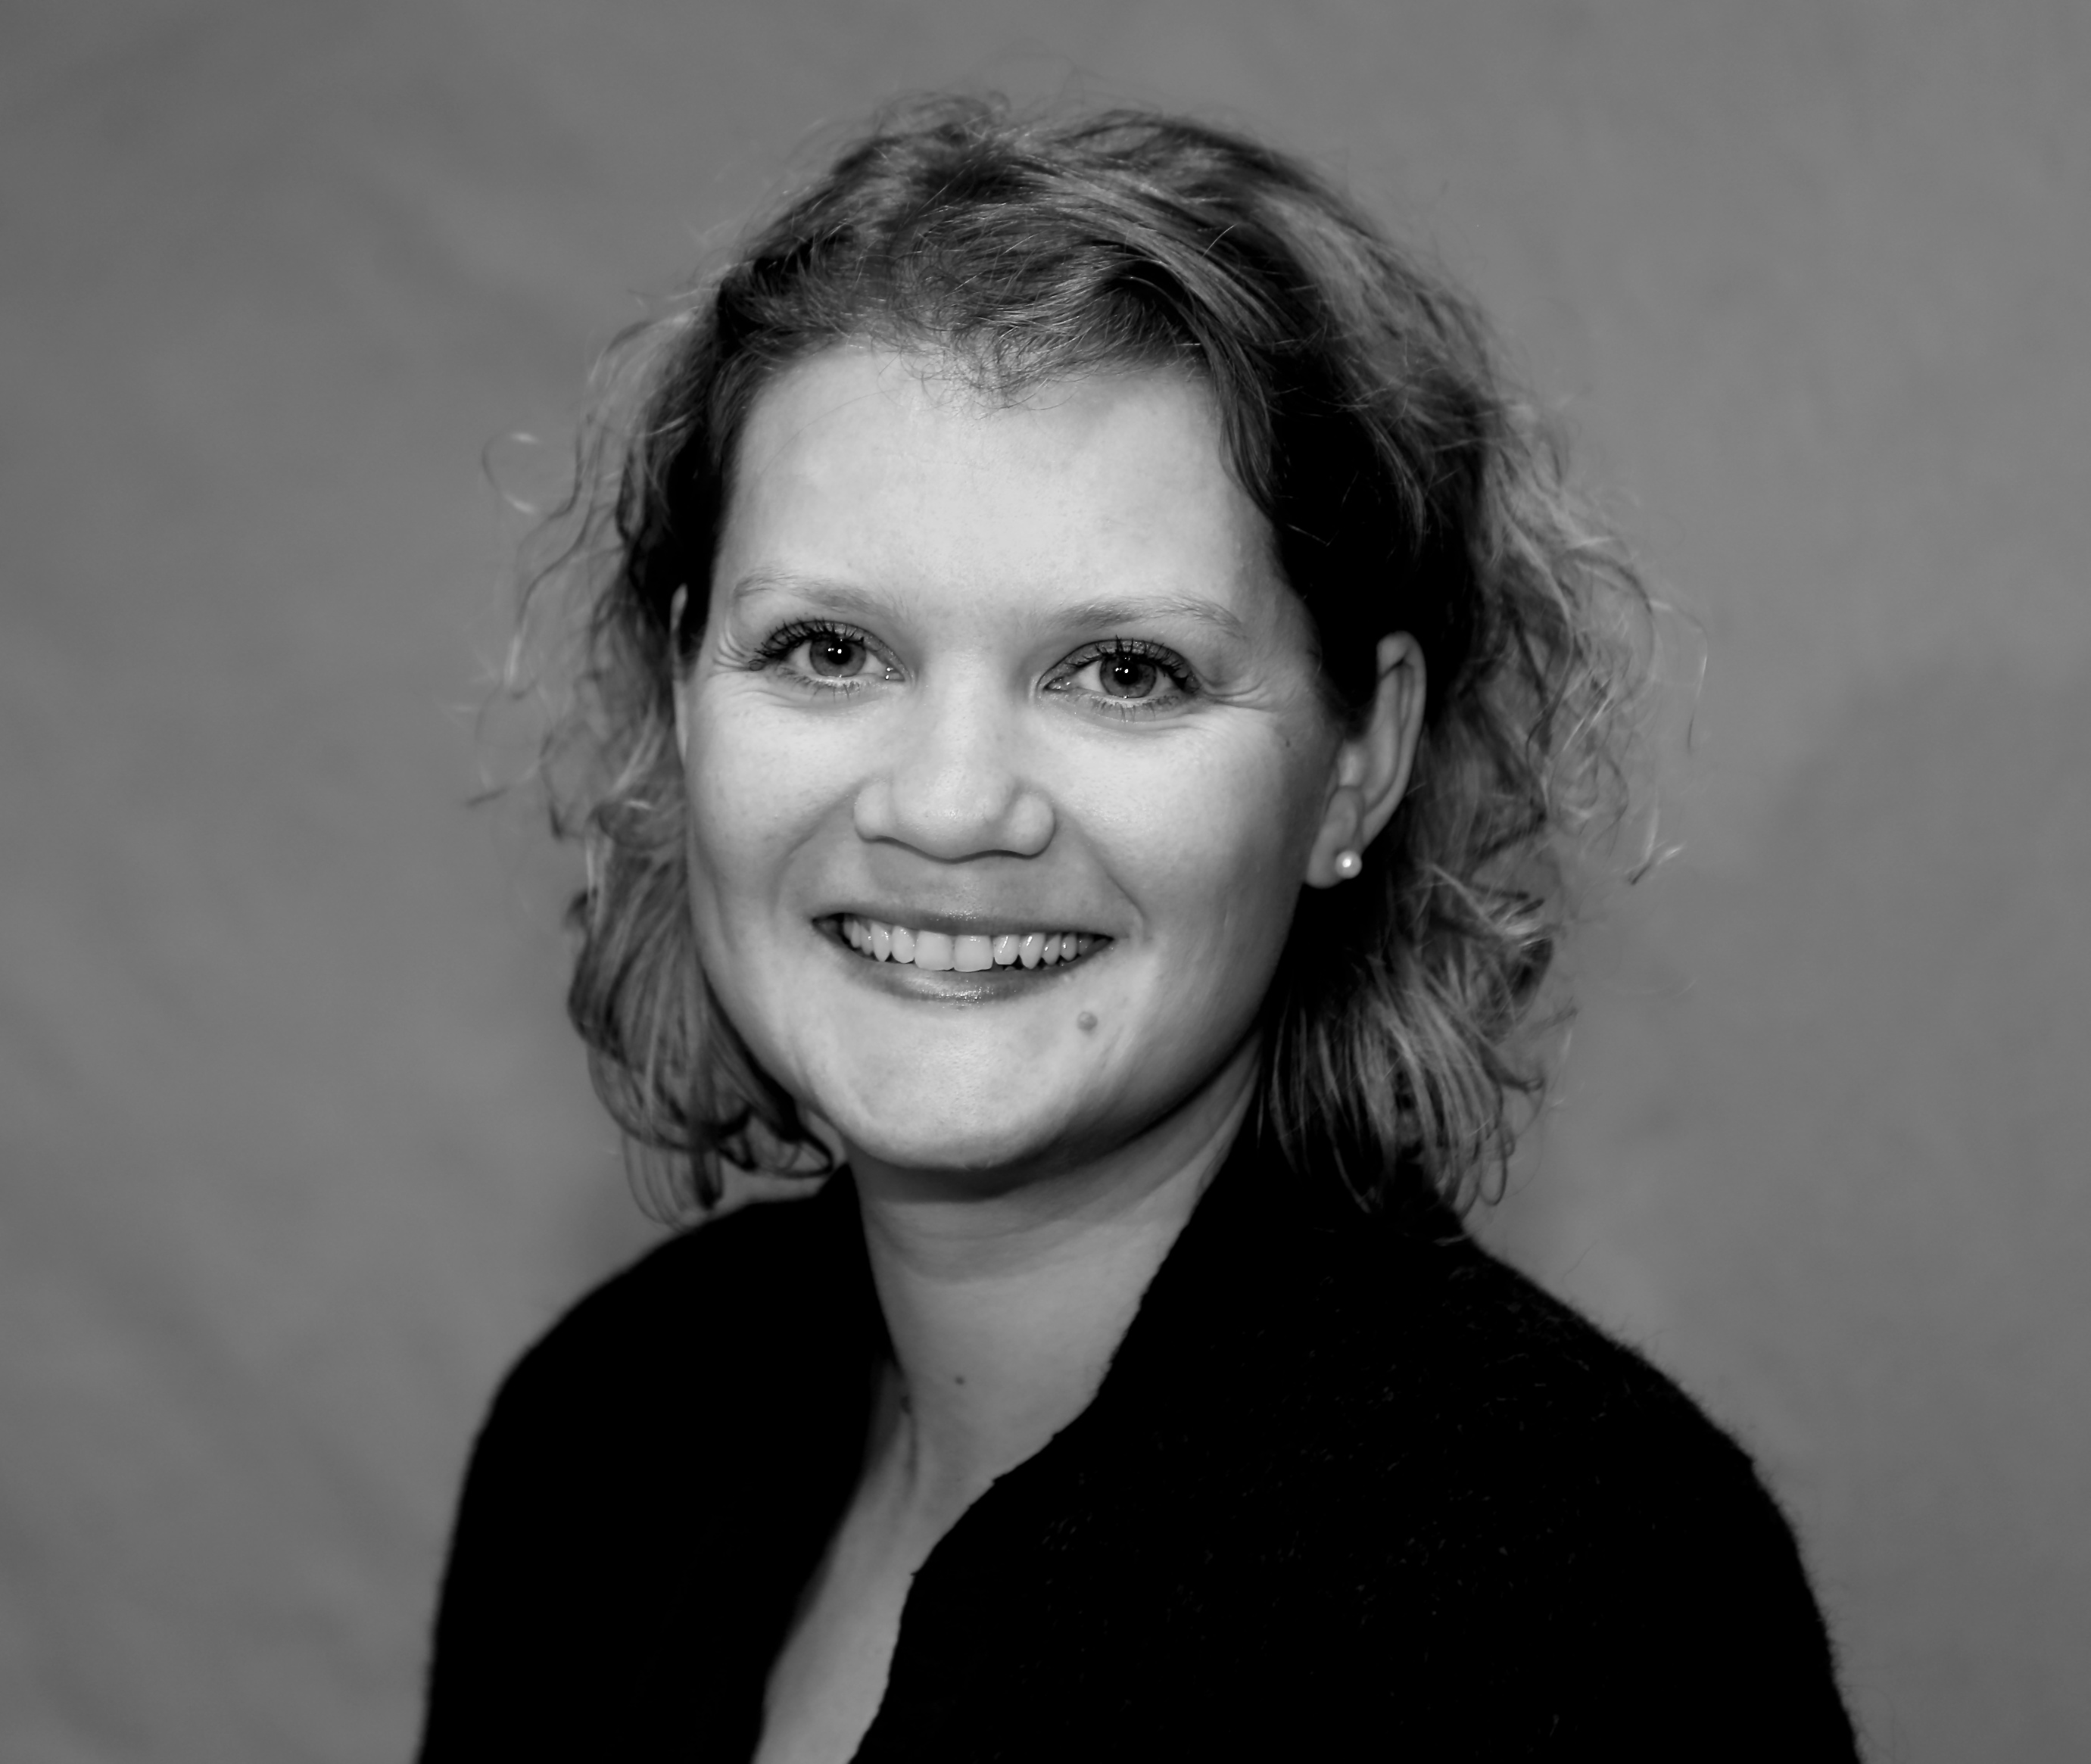 Inger-Lise Eikli Rygh